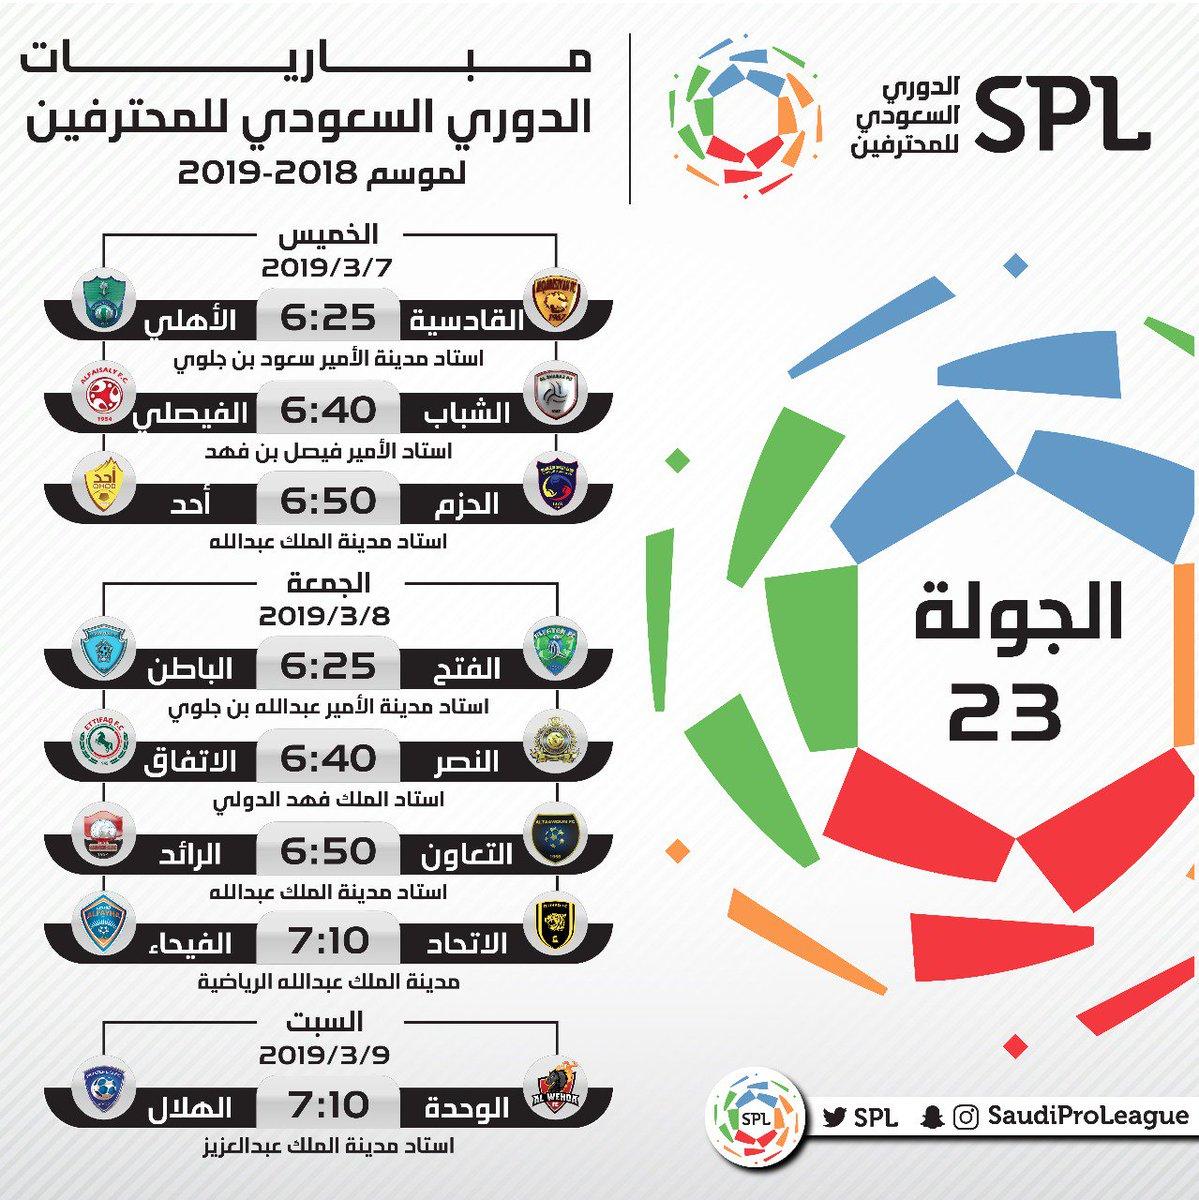 جدول مباريات الدوري السعودي للمحترفين 2018 2019 المعدل صباح مصر